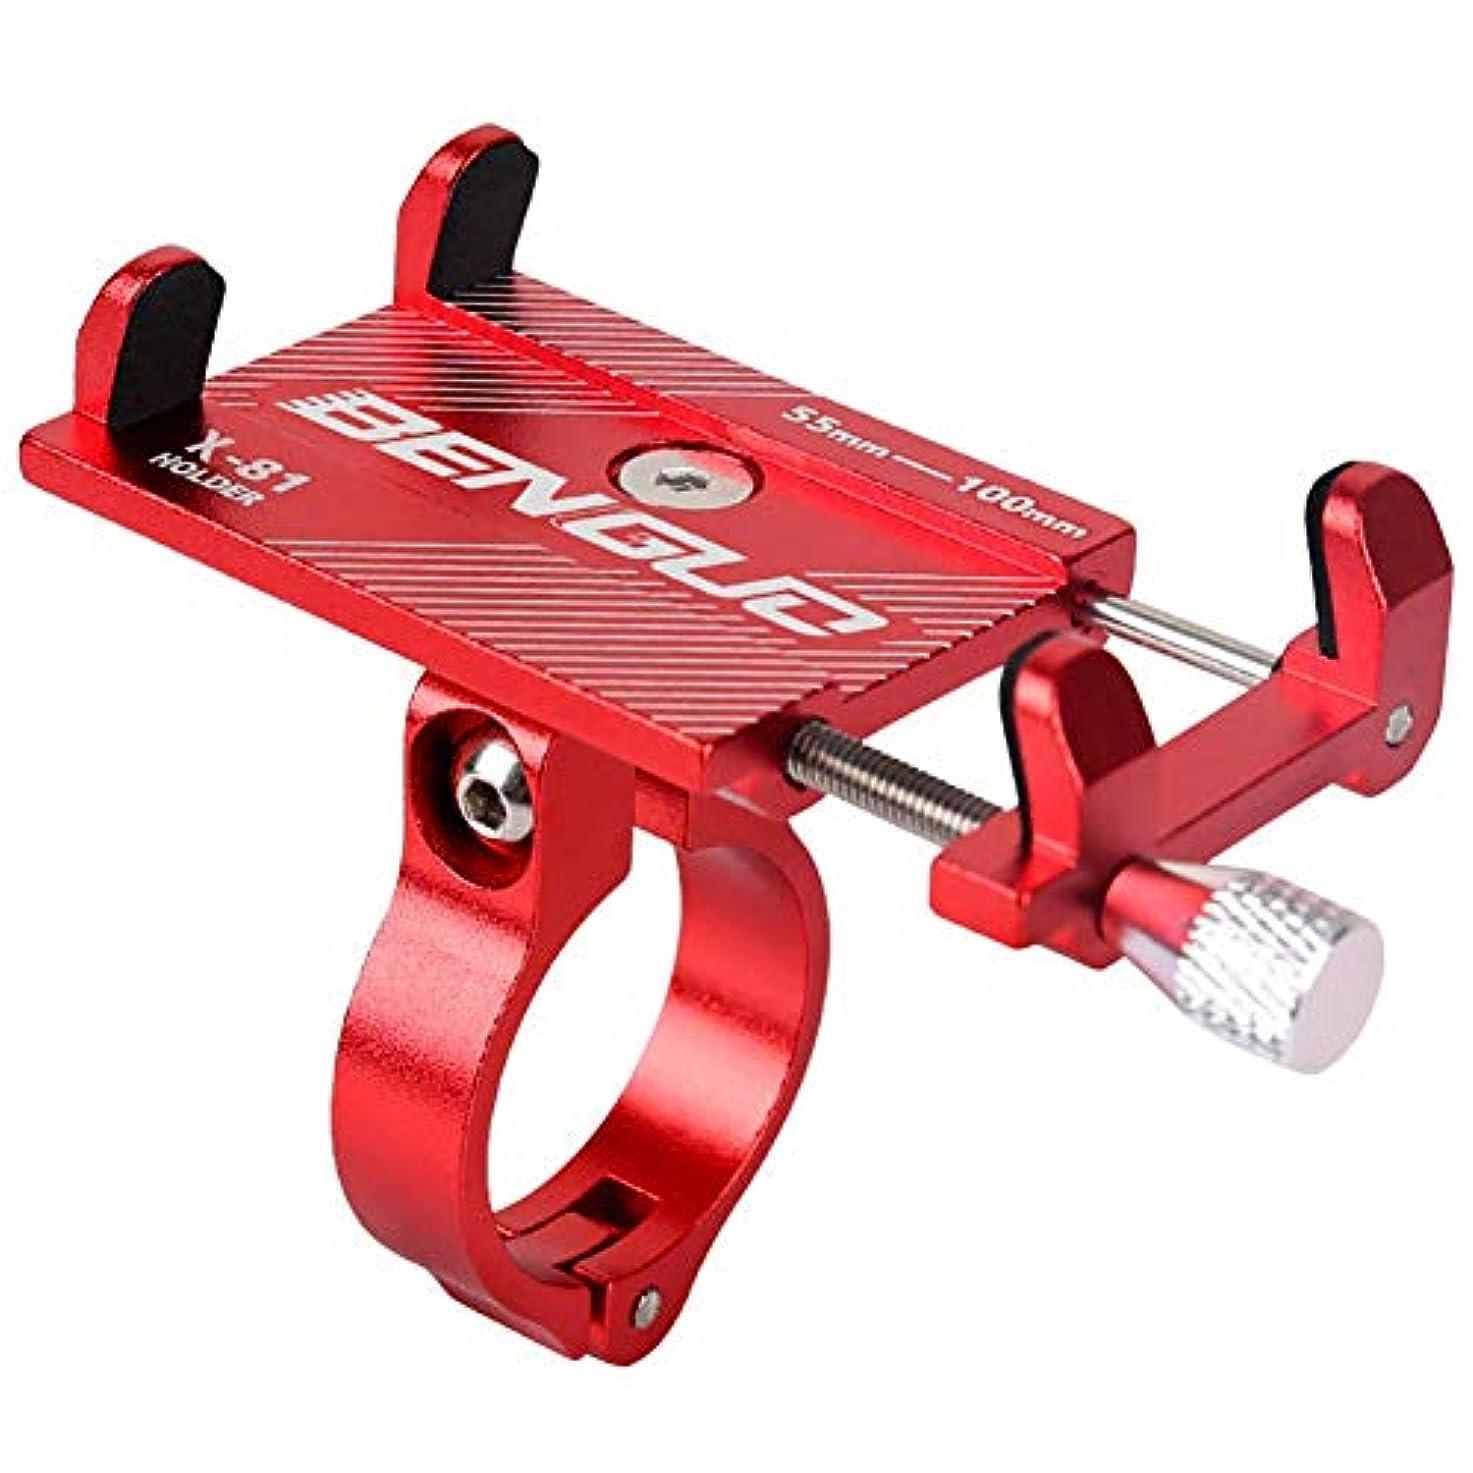 流星脊椎添加自転車 スマホ ホルダー 振れ止め 脱落防止 調整可能 アルミ製 多機種対応 角度調整 防水 装着簡単